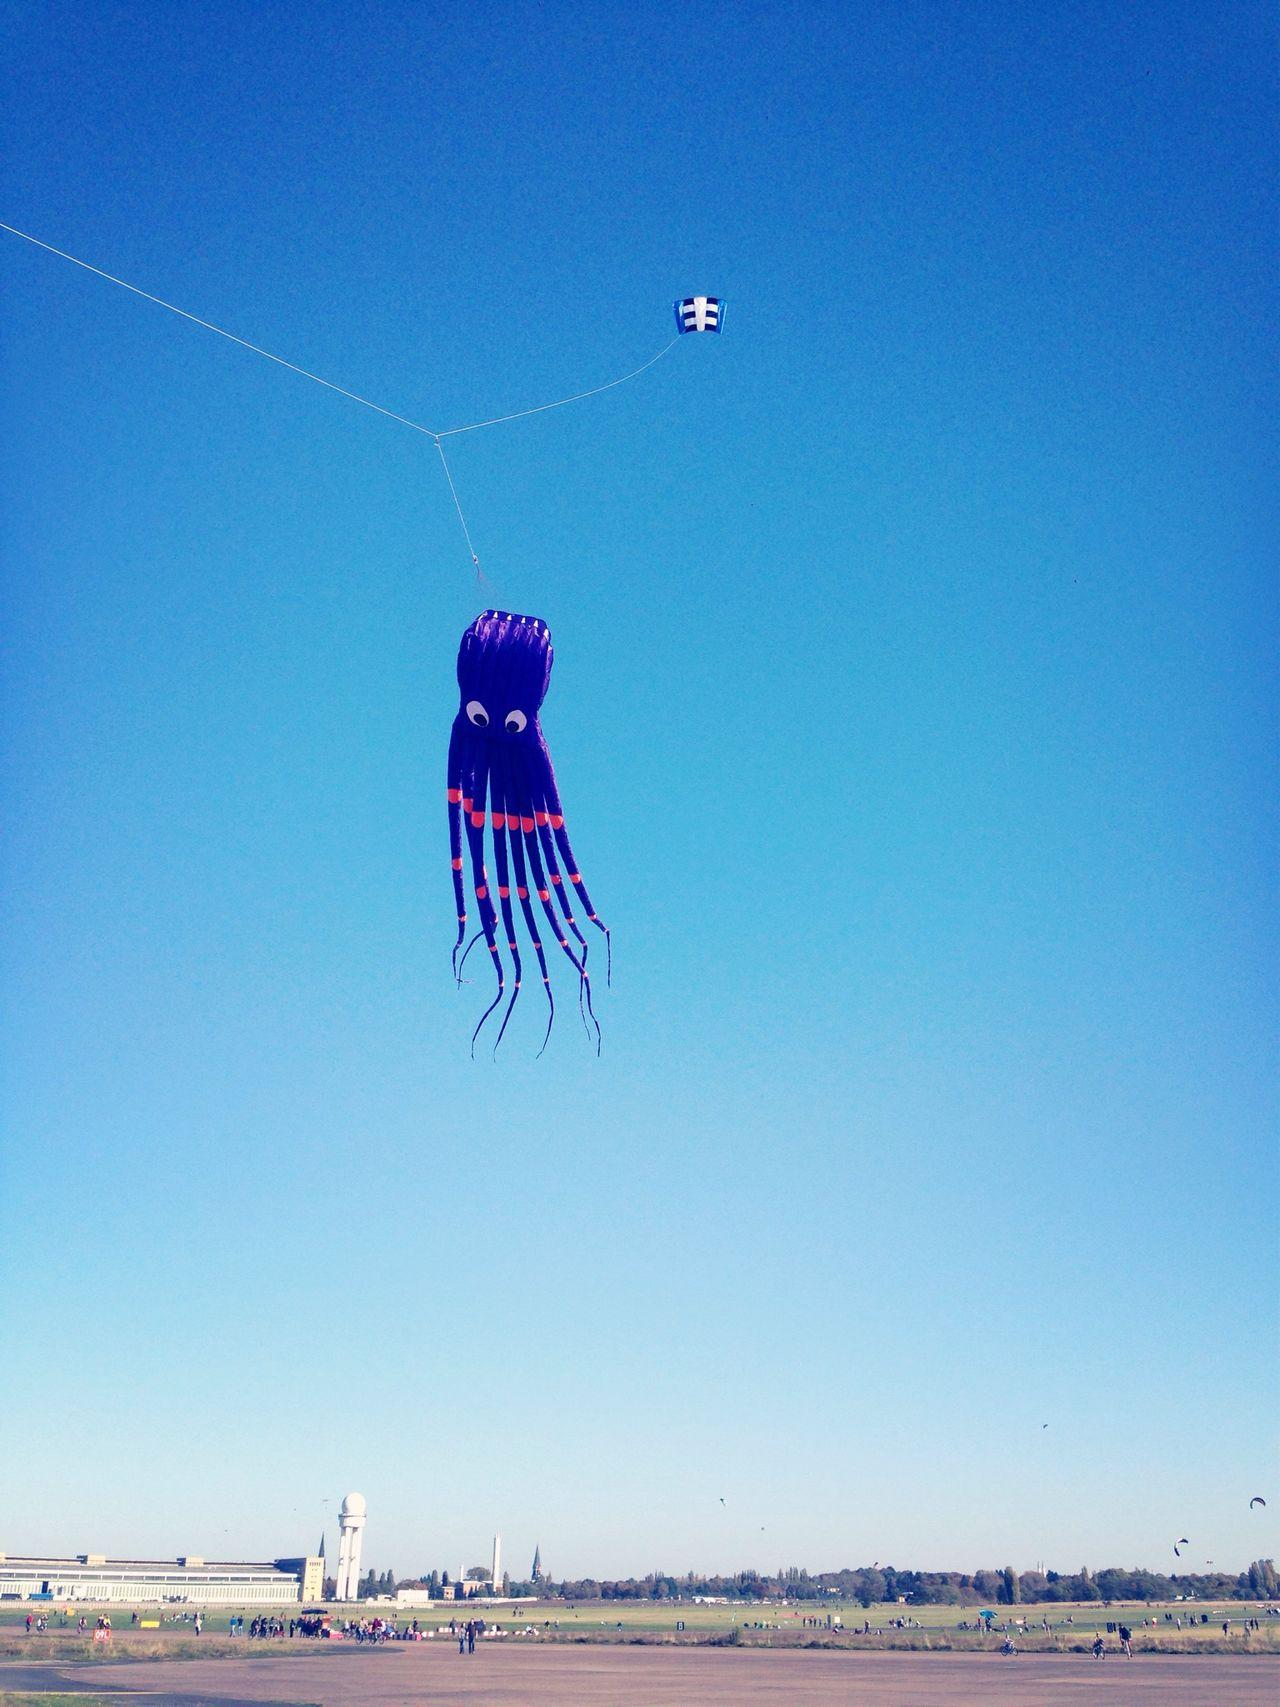 The kraken flying high Kite Blue Sky